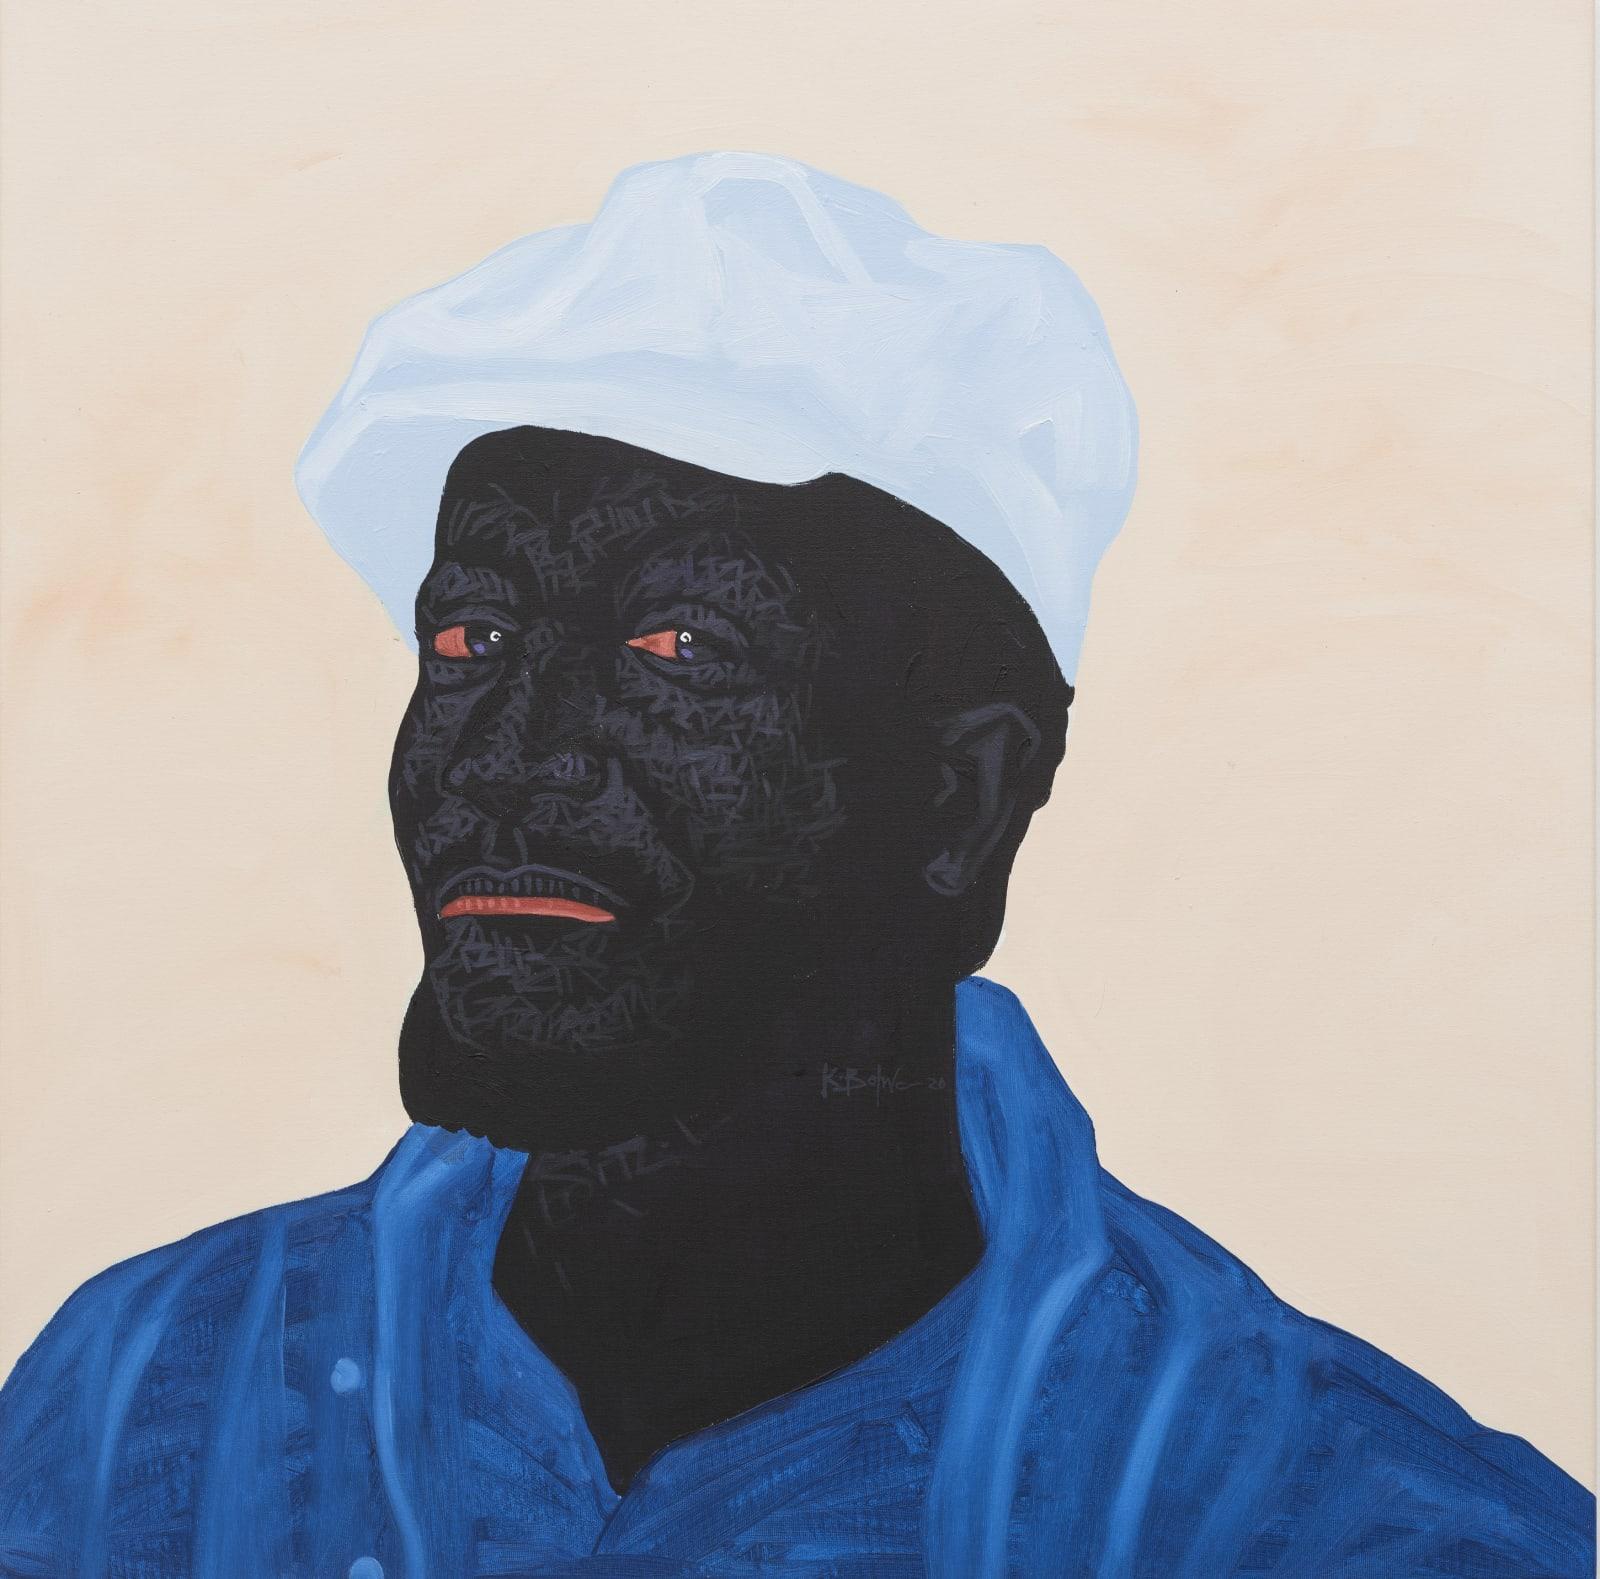 Kwesi Botchway, Baby Blue Hat, 2020